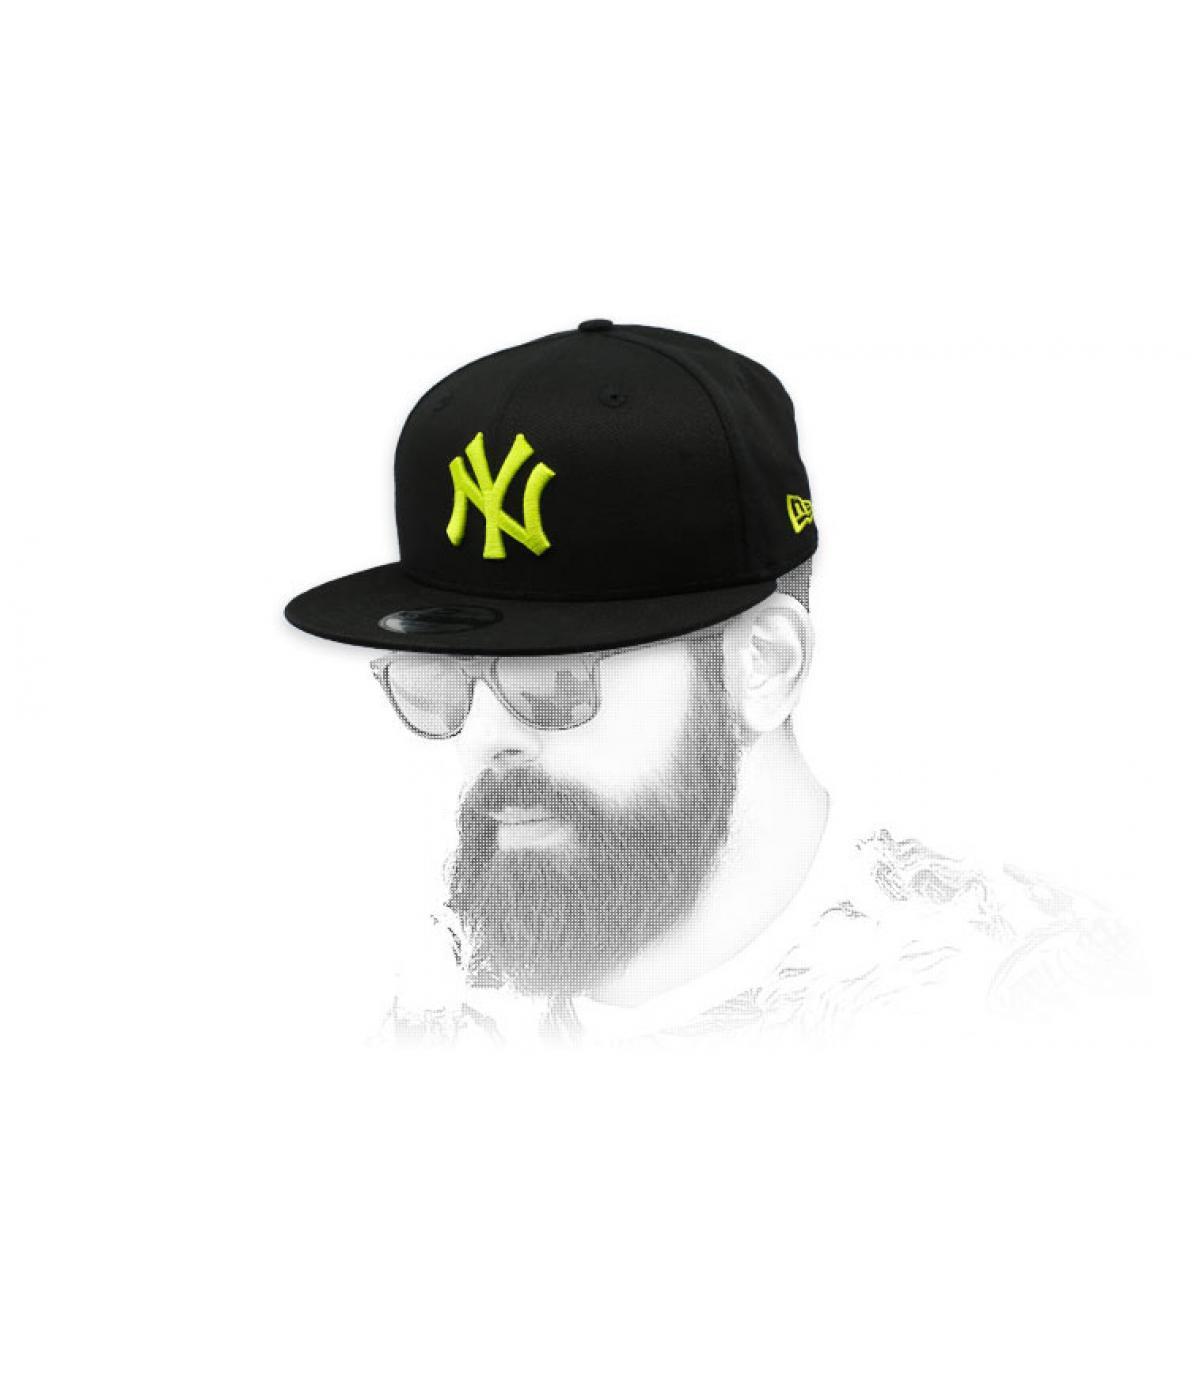 black yellow NY snapback